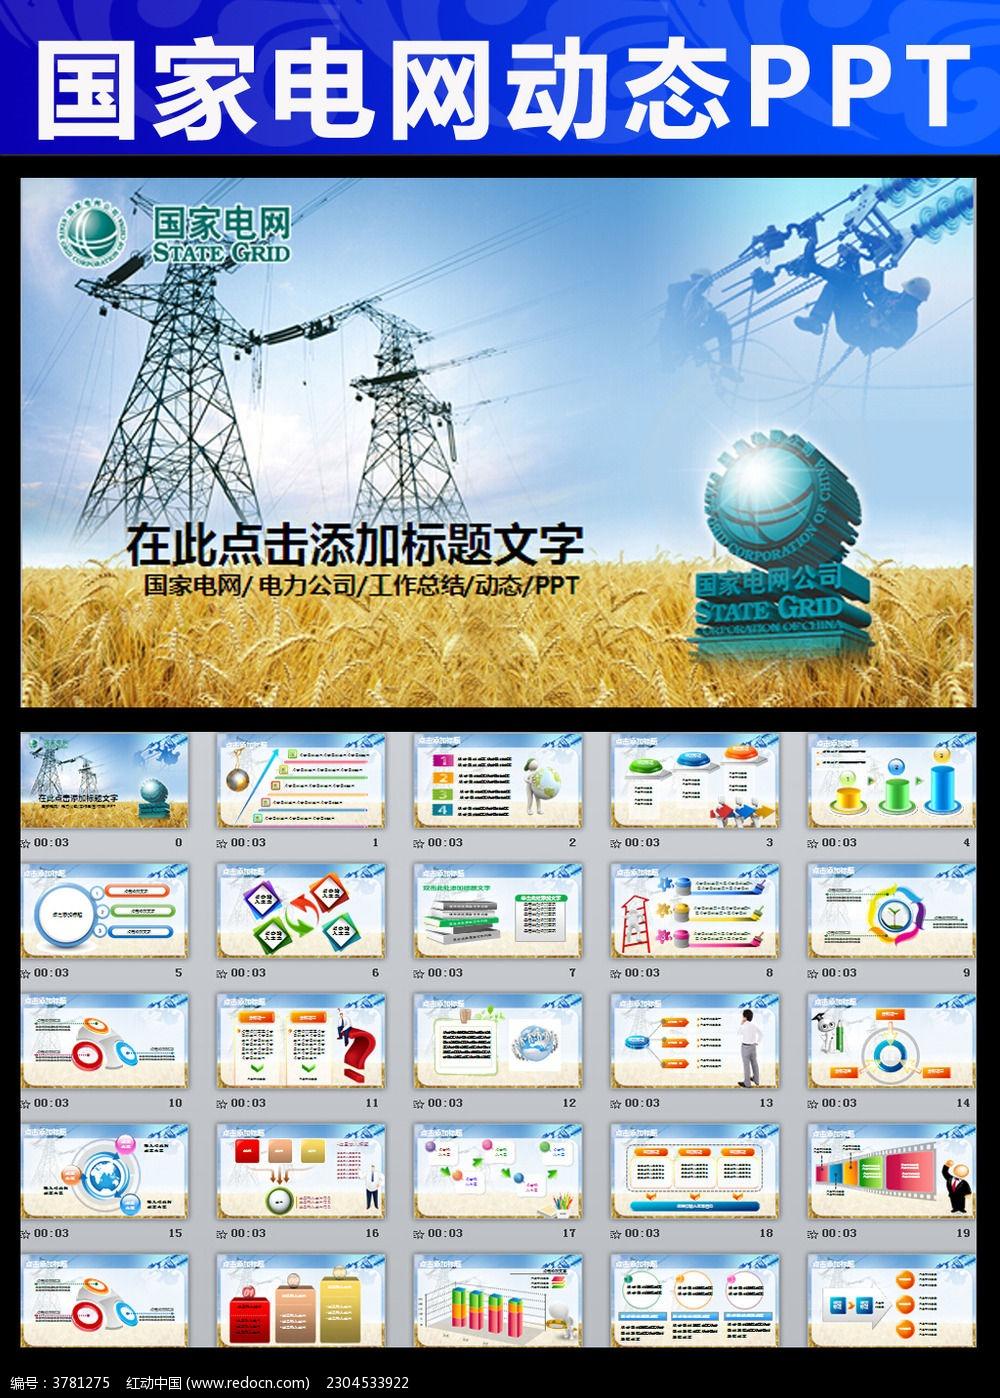 国家电网ppt模板